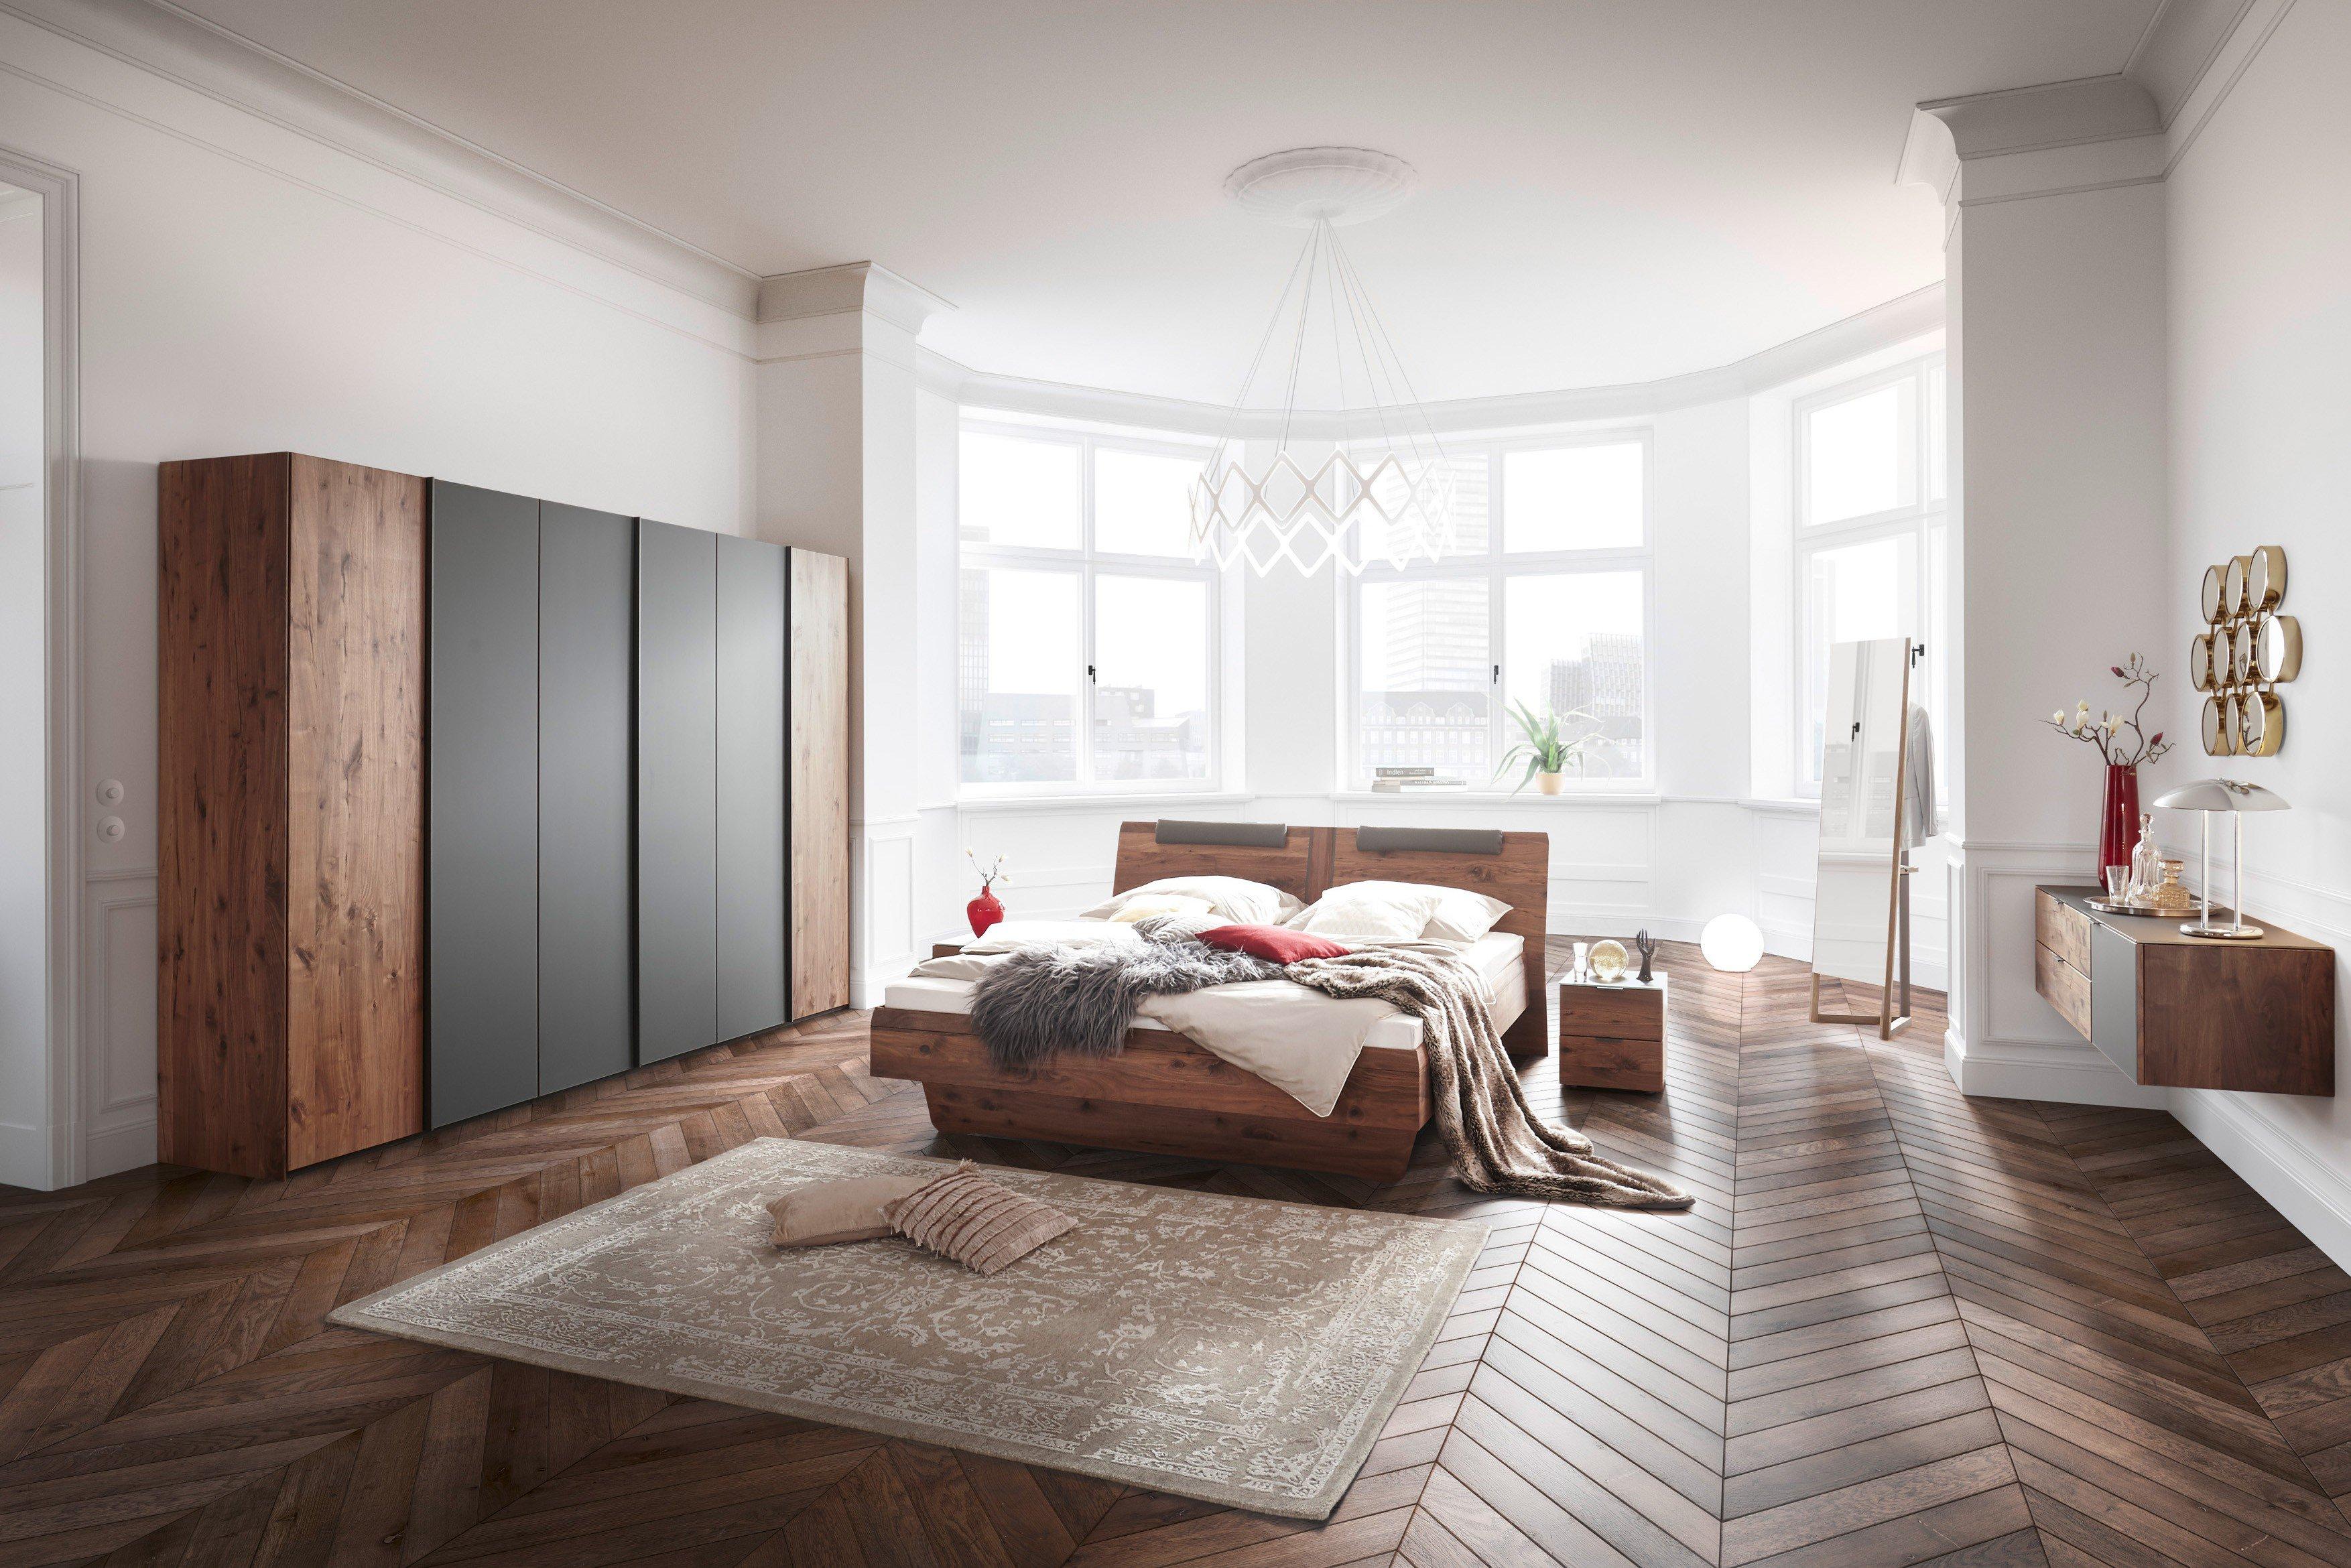 Sleep von Thielemeyer - Schlafzimmer Nussbaum - Colorglas